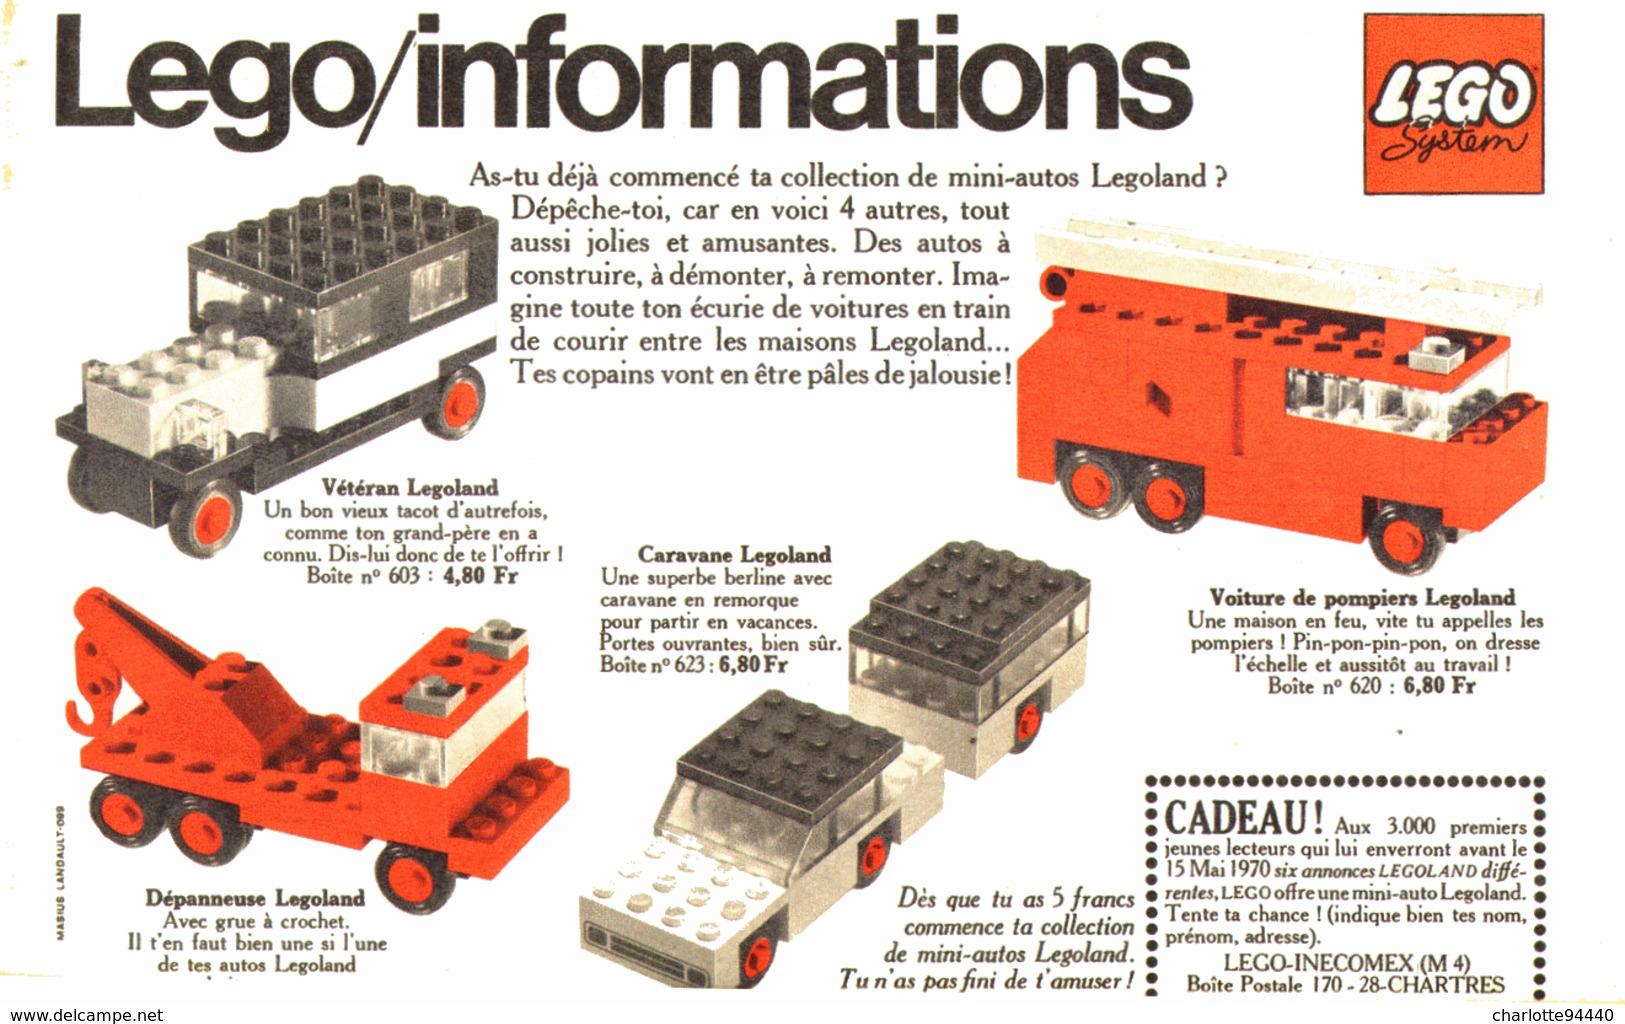 """PUB  """" CARAVANE / DEPANNEUSE / POMPIER /AMBULANCE / CHARIOT """" """" LEGO INFORMATION""""   1970 - Lego"""